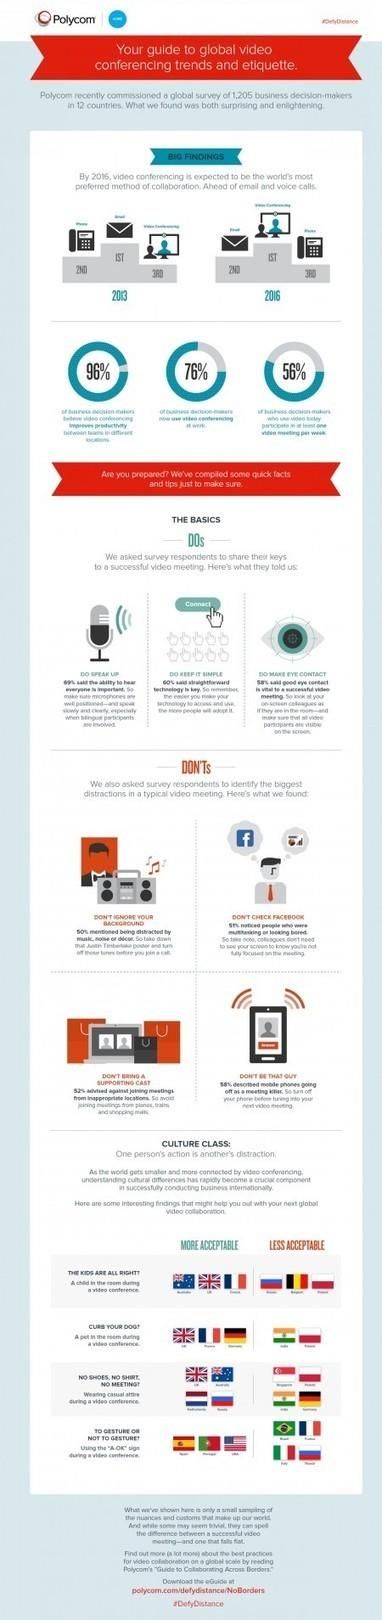 La visioconférence en une infographie - InformatiqueNews | Visioconférence | Scoop.it